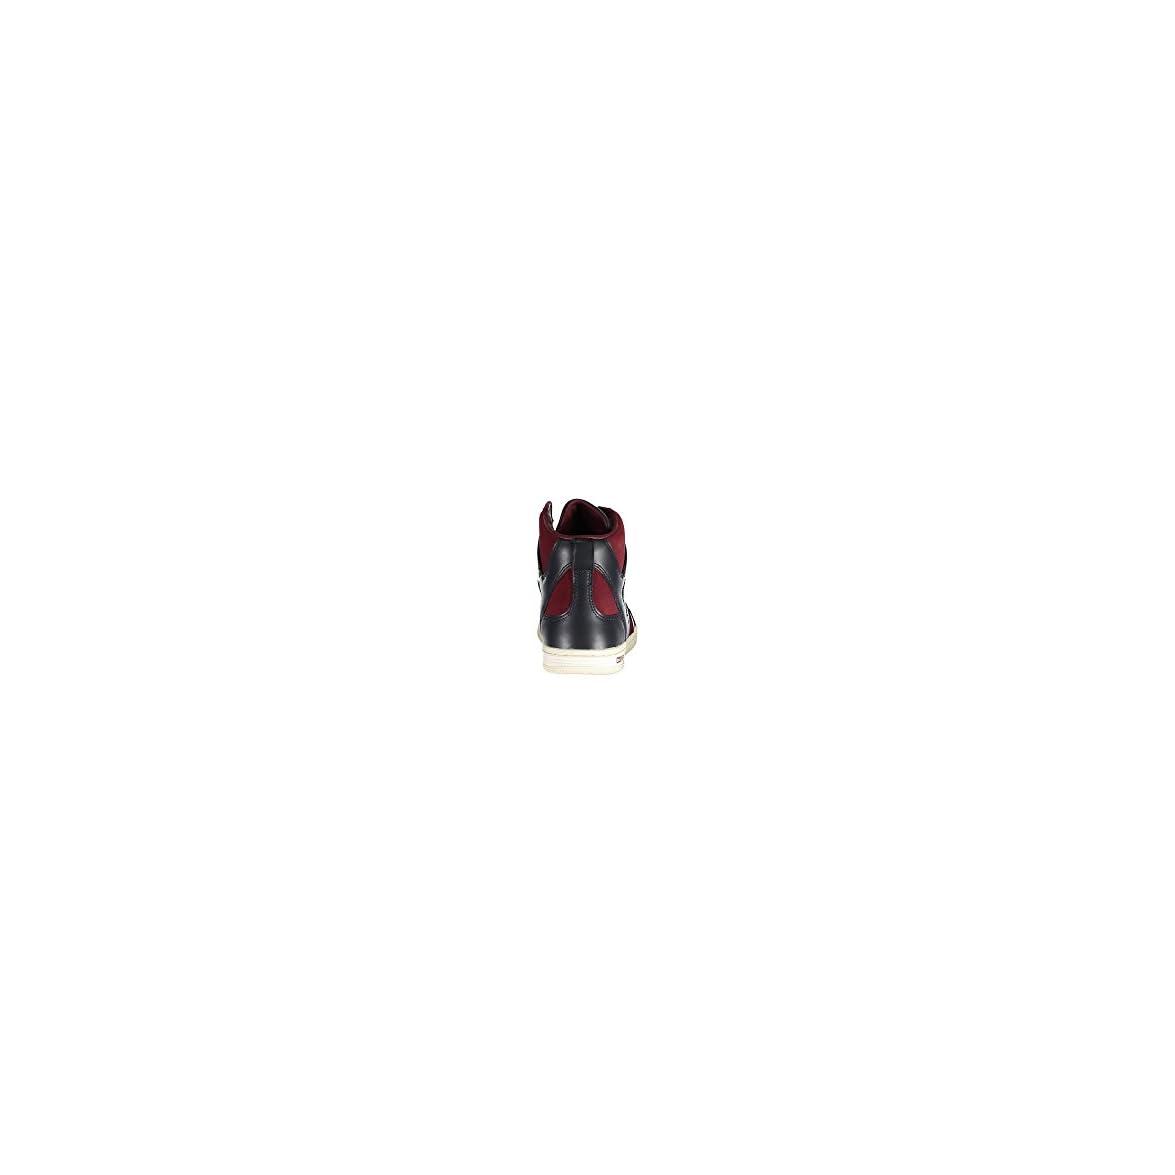 Scarpe Converse Weapon Hi Leather suede Blu E Rosse A i 2015 146710c